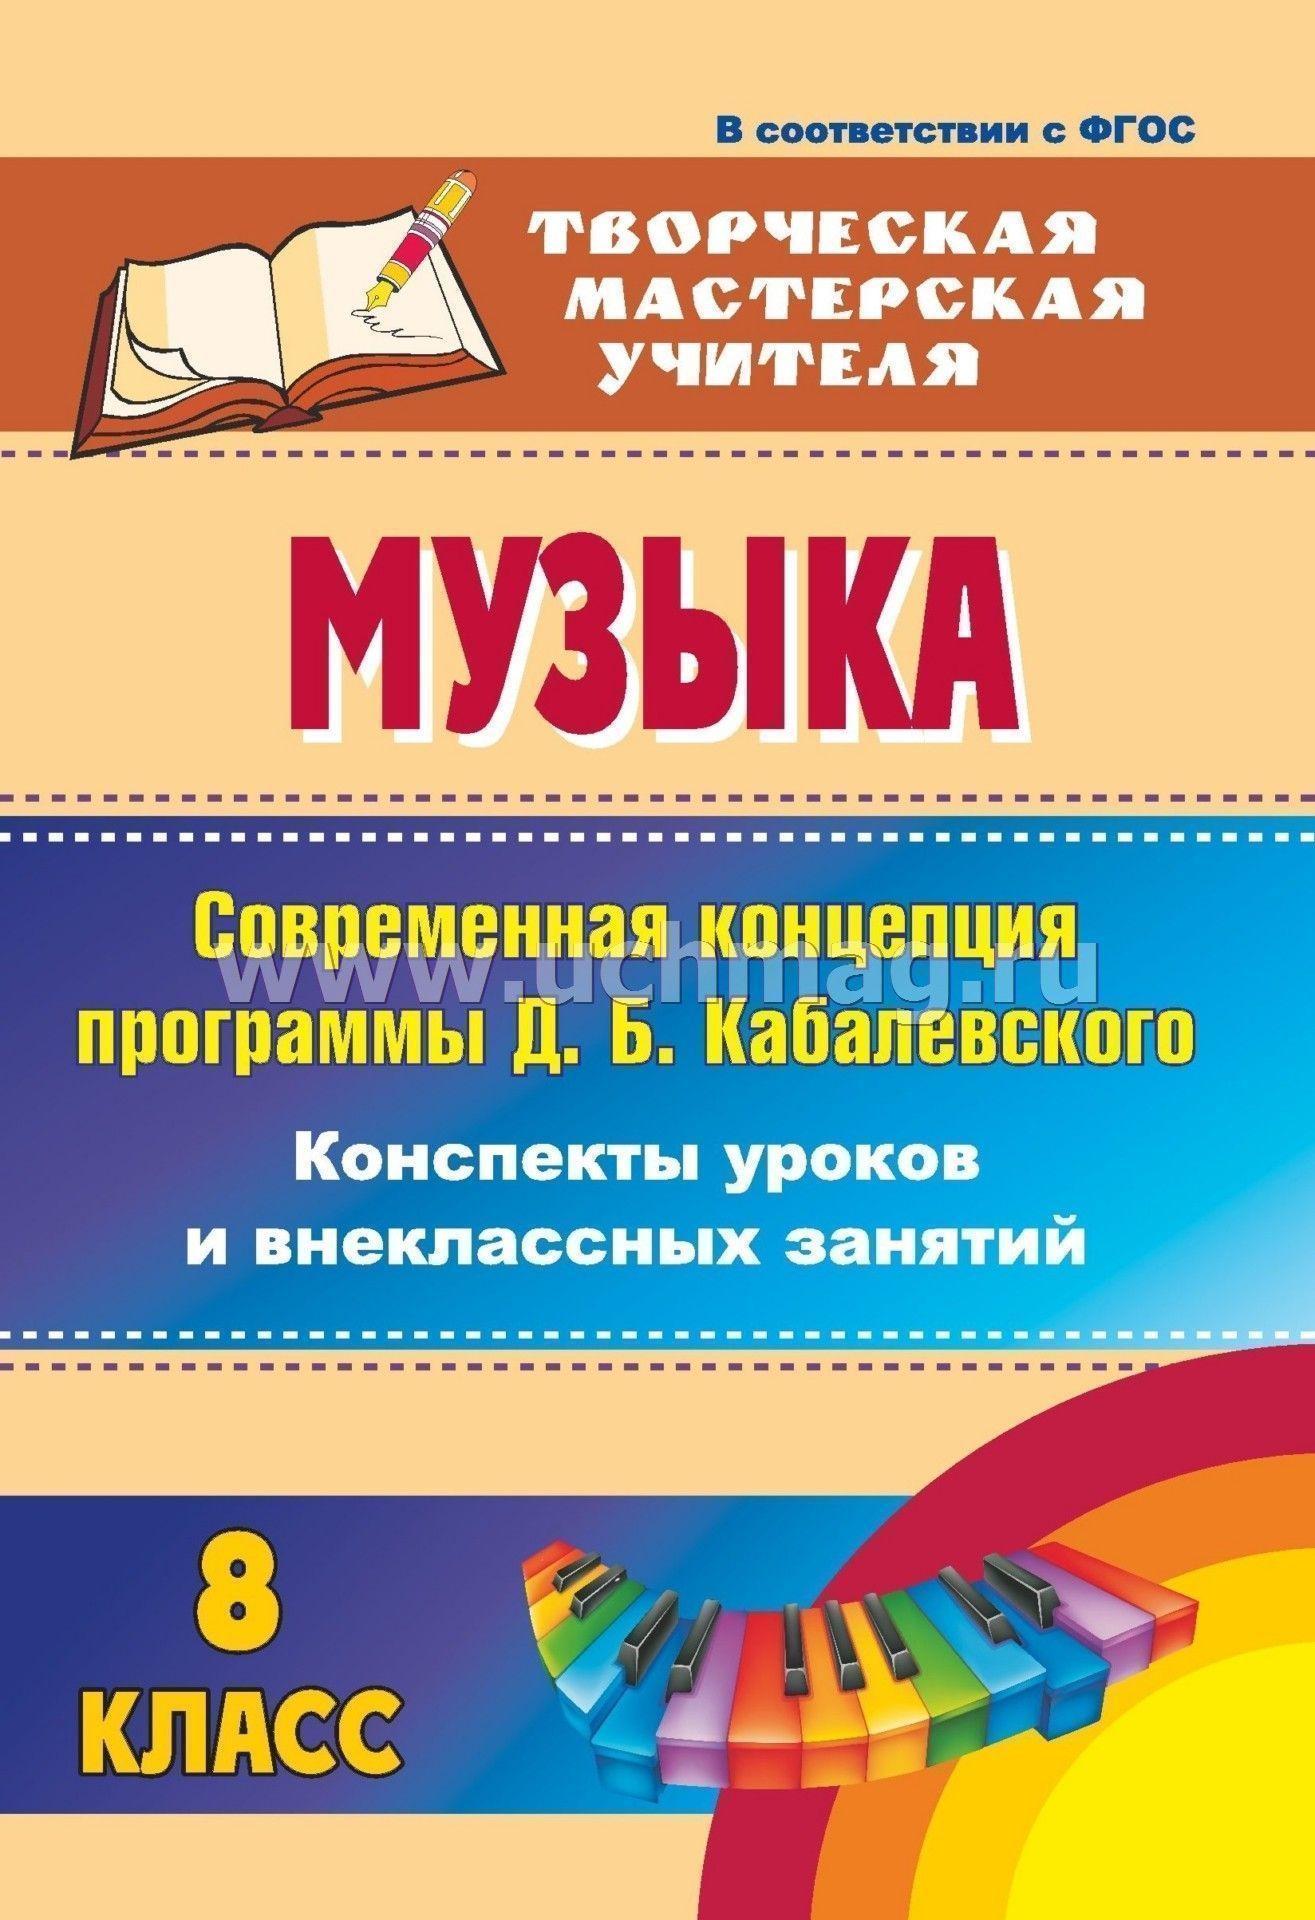 Методическая разработка урока музыки в 7 классе по программе д.б кабалевского